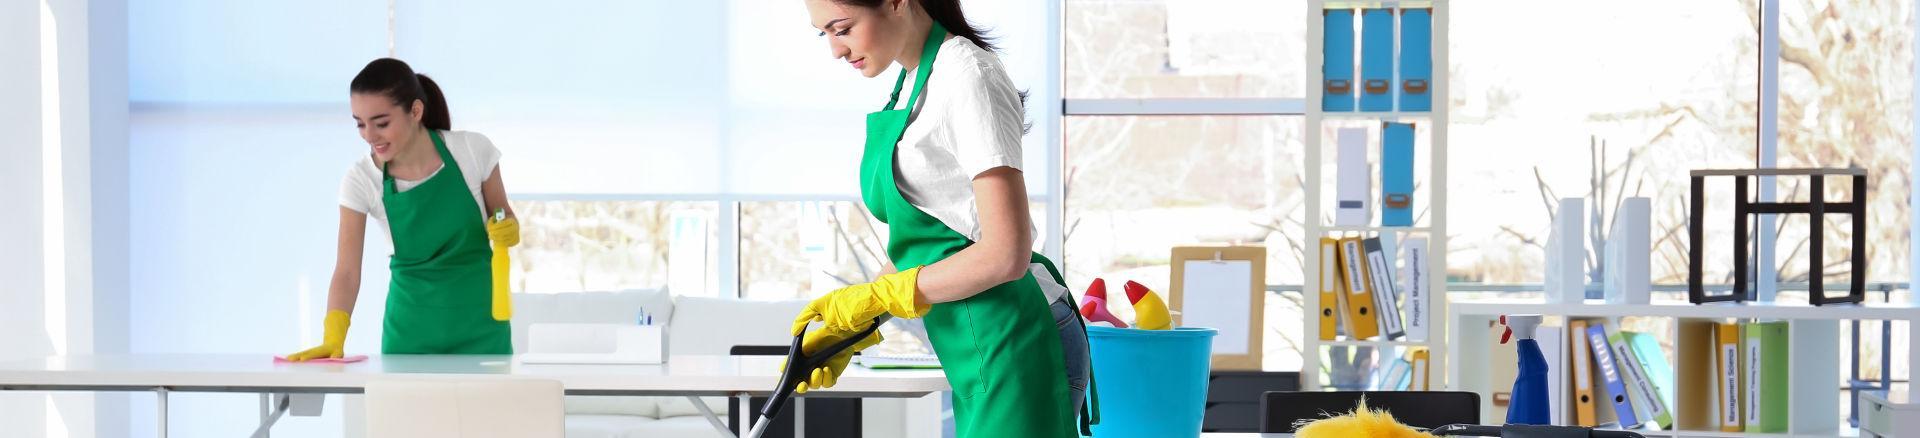 panie profesjonalnie sprzątające biuro